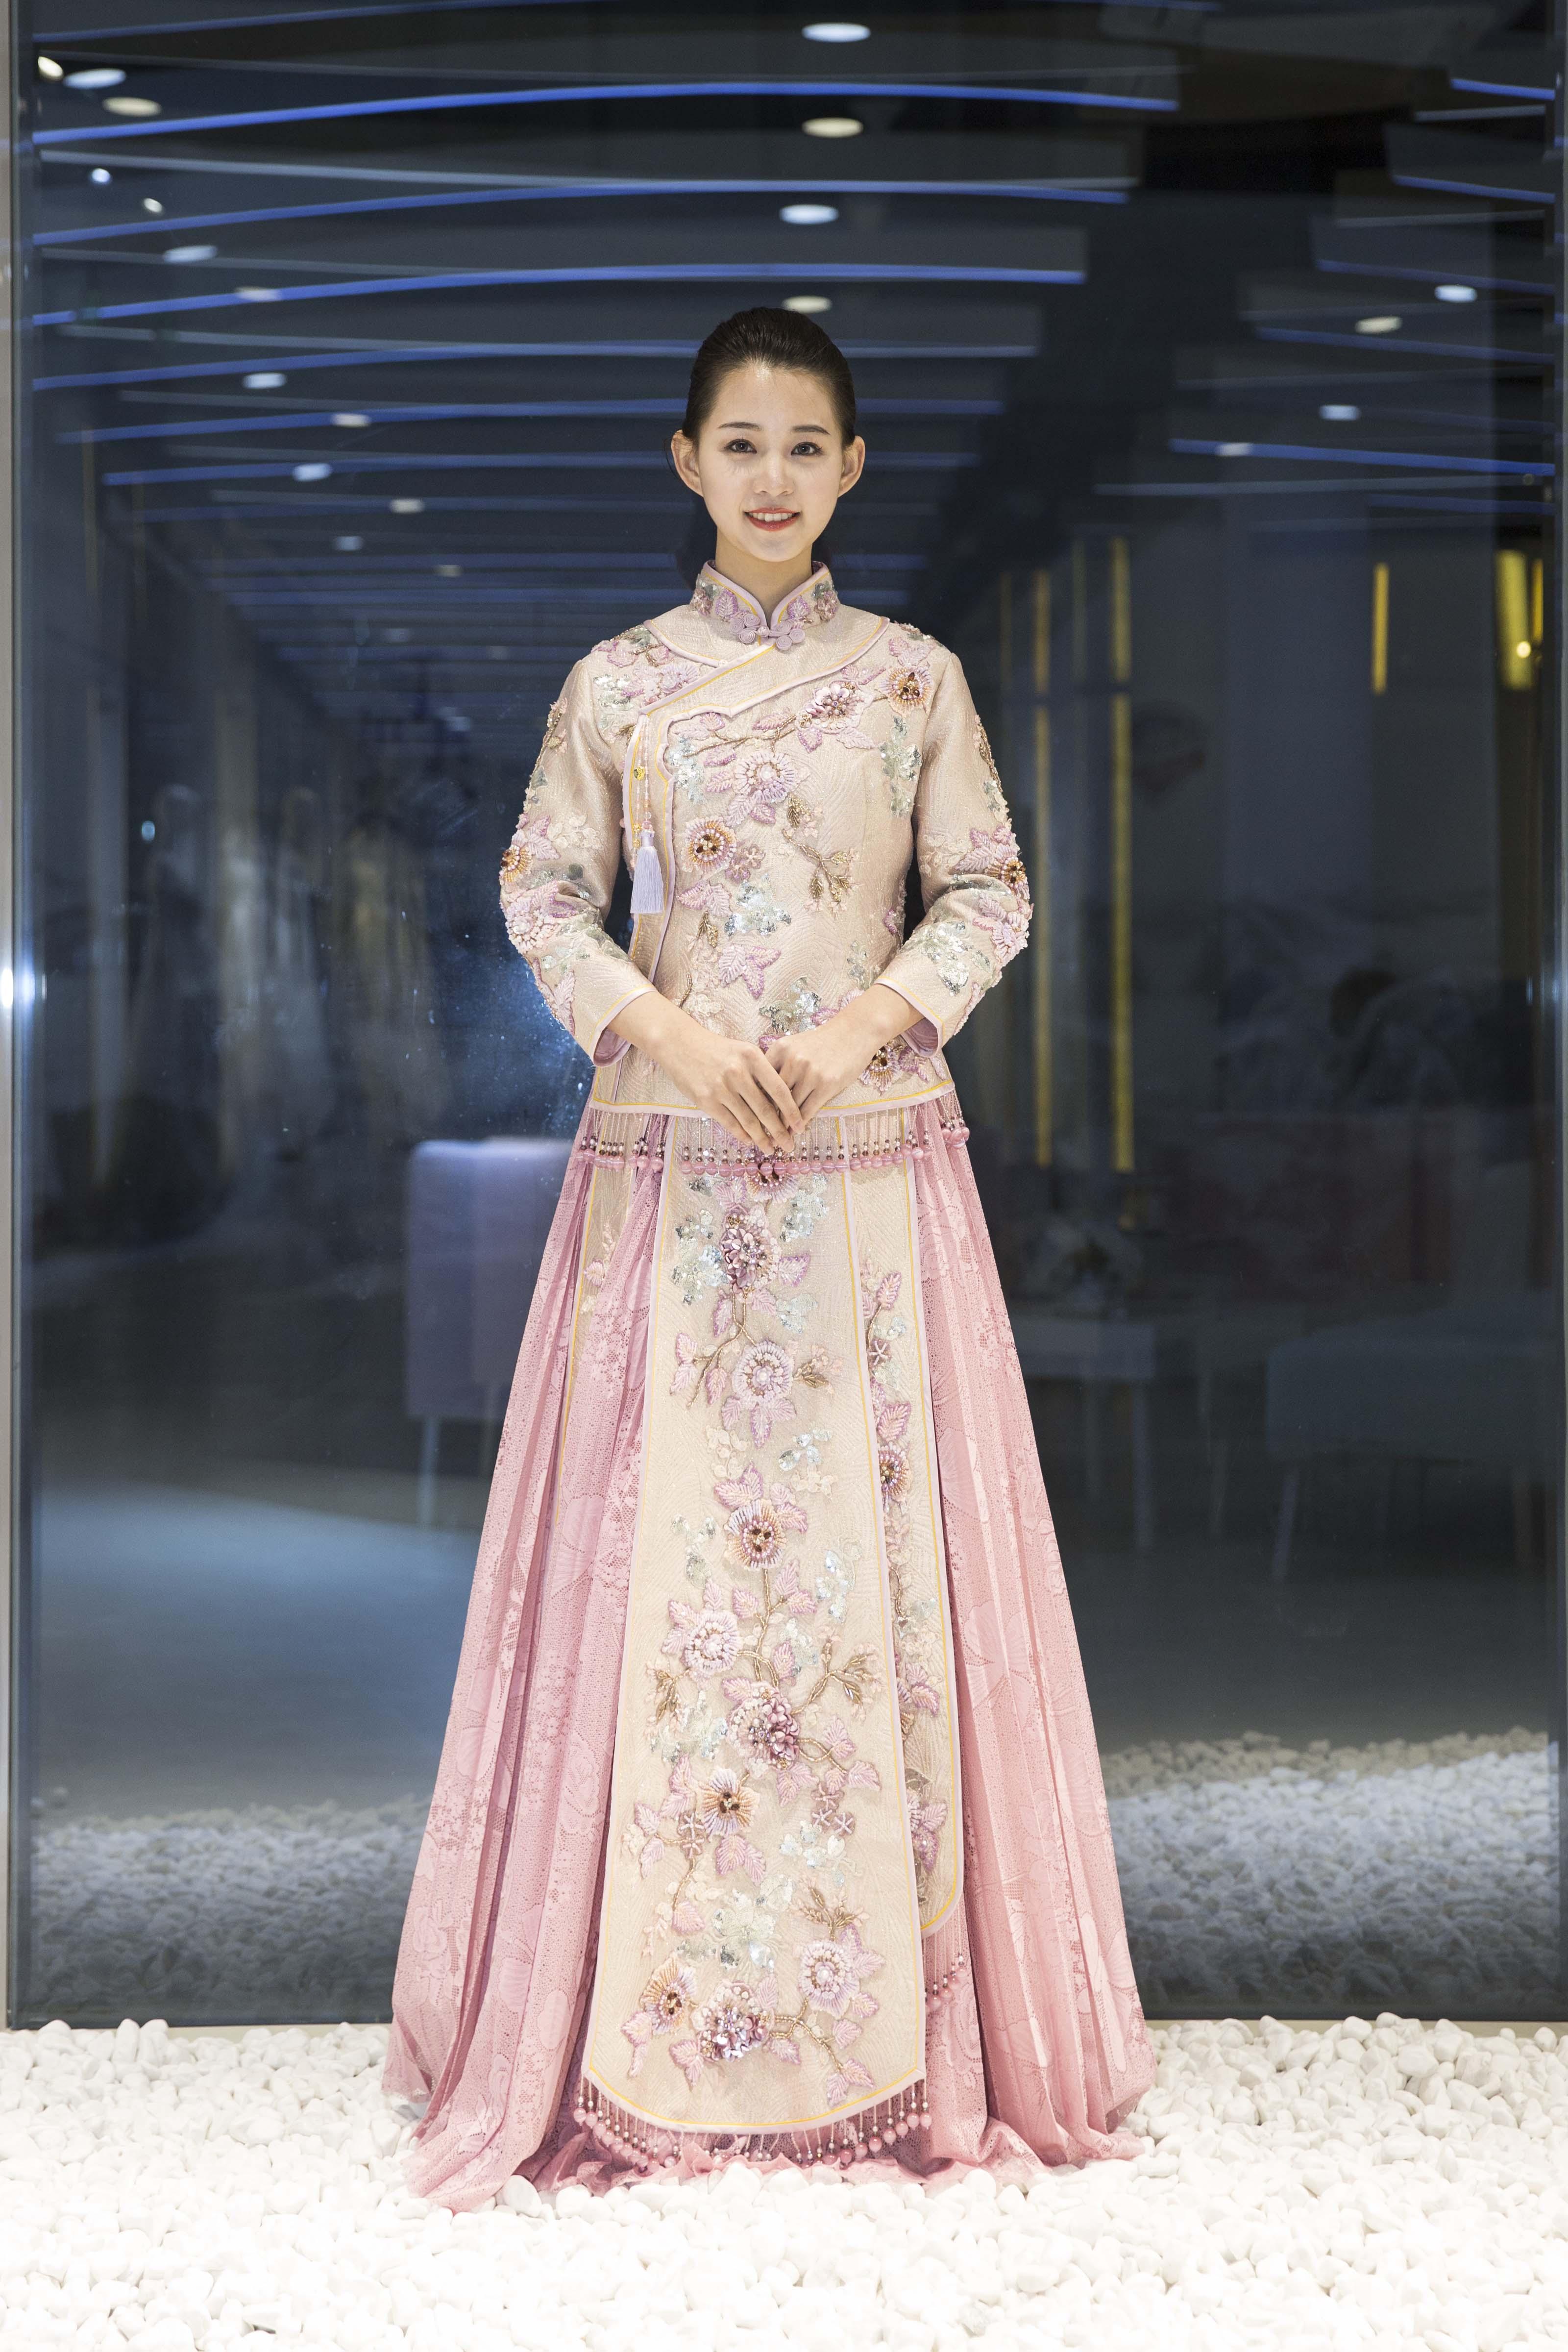 真爱殿堂网红同款 裸粉色中式改良秀禾服